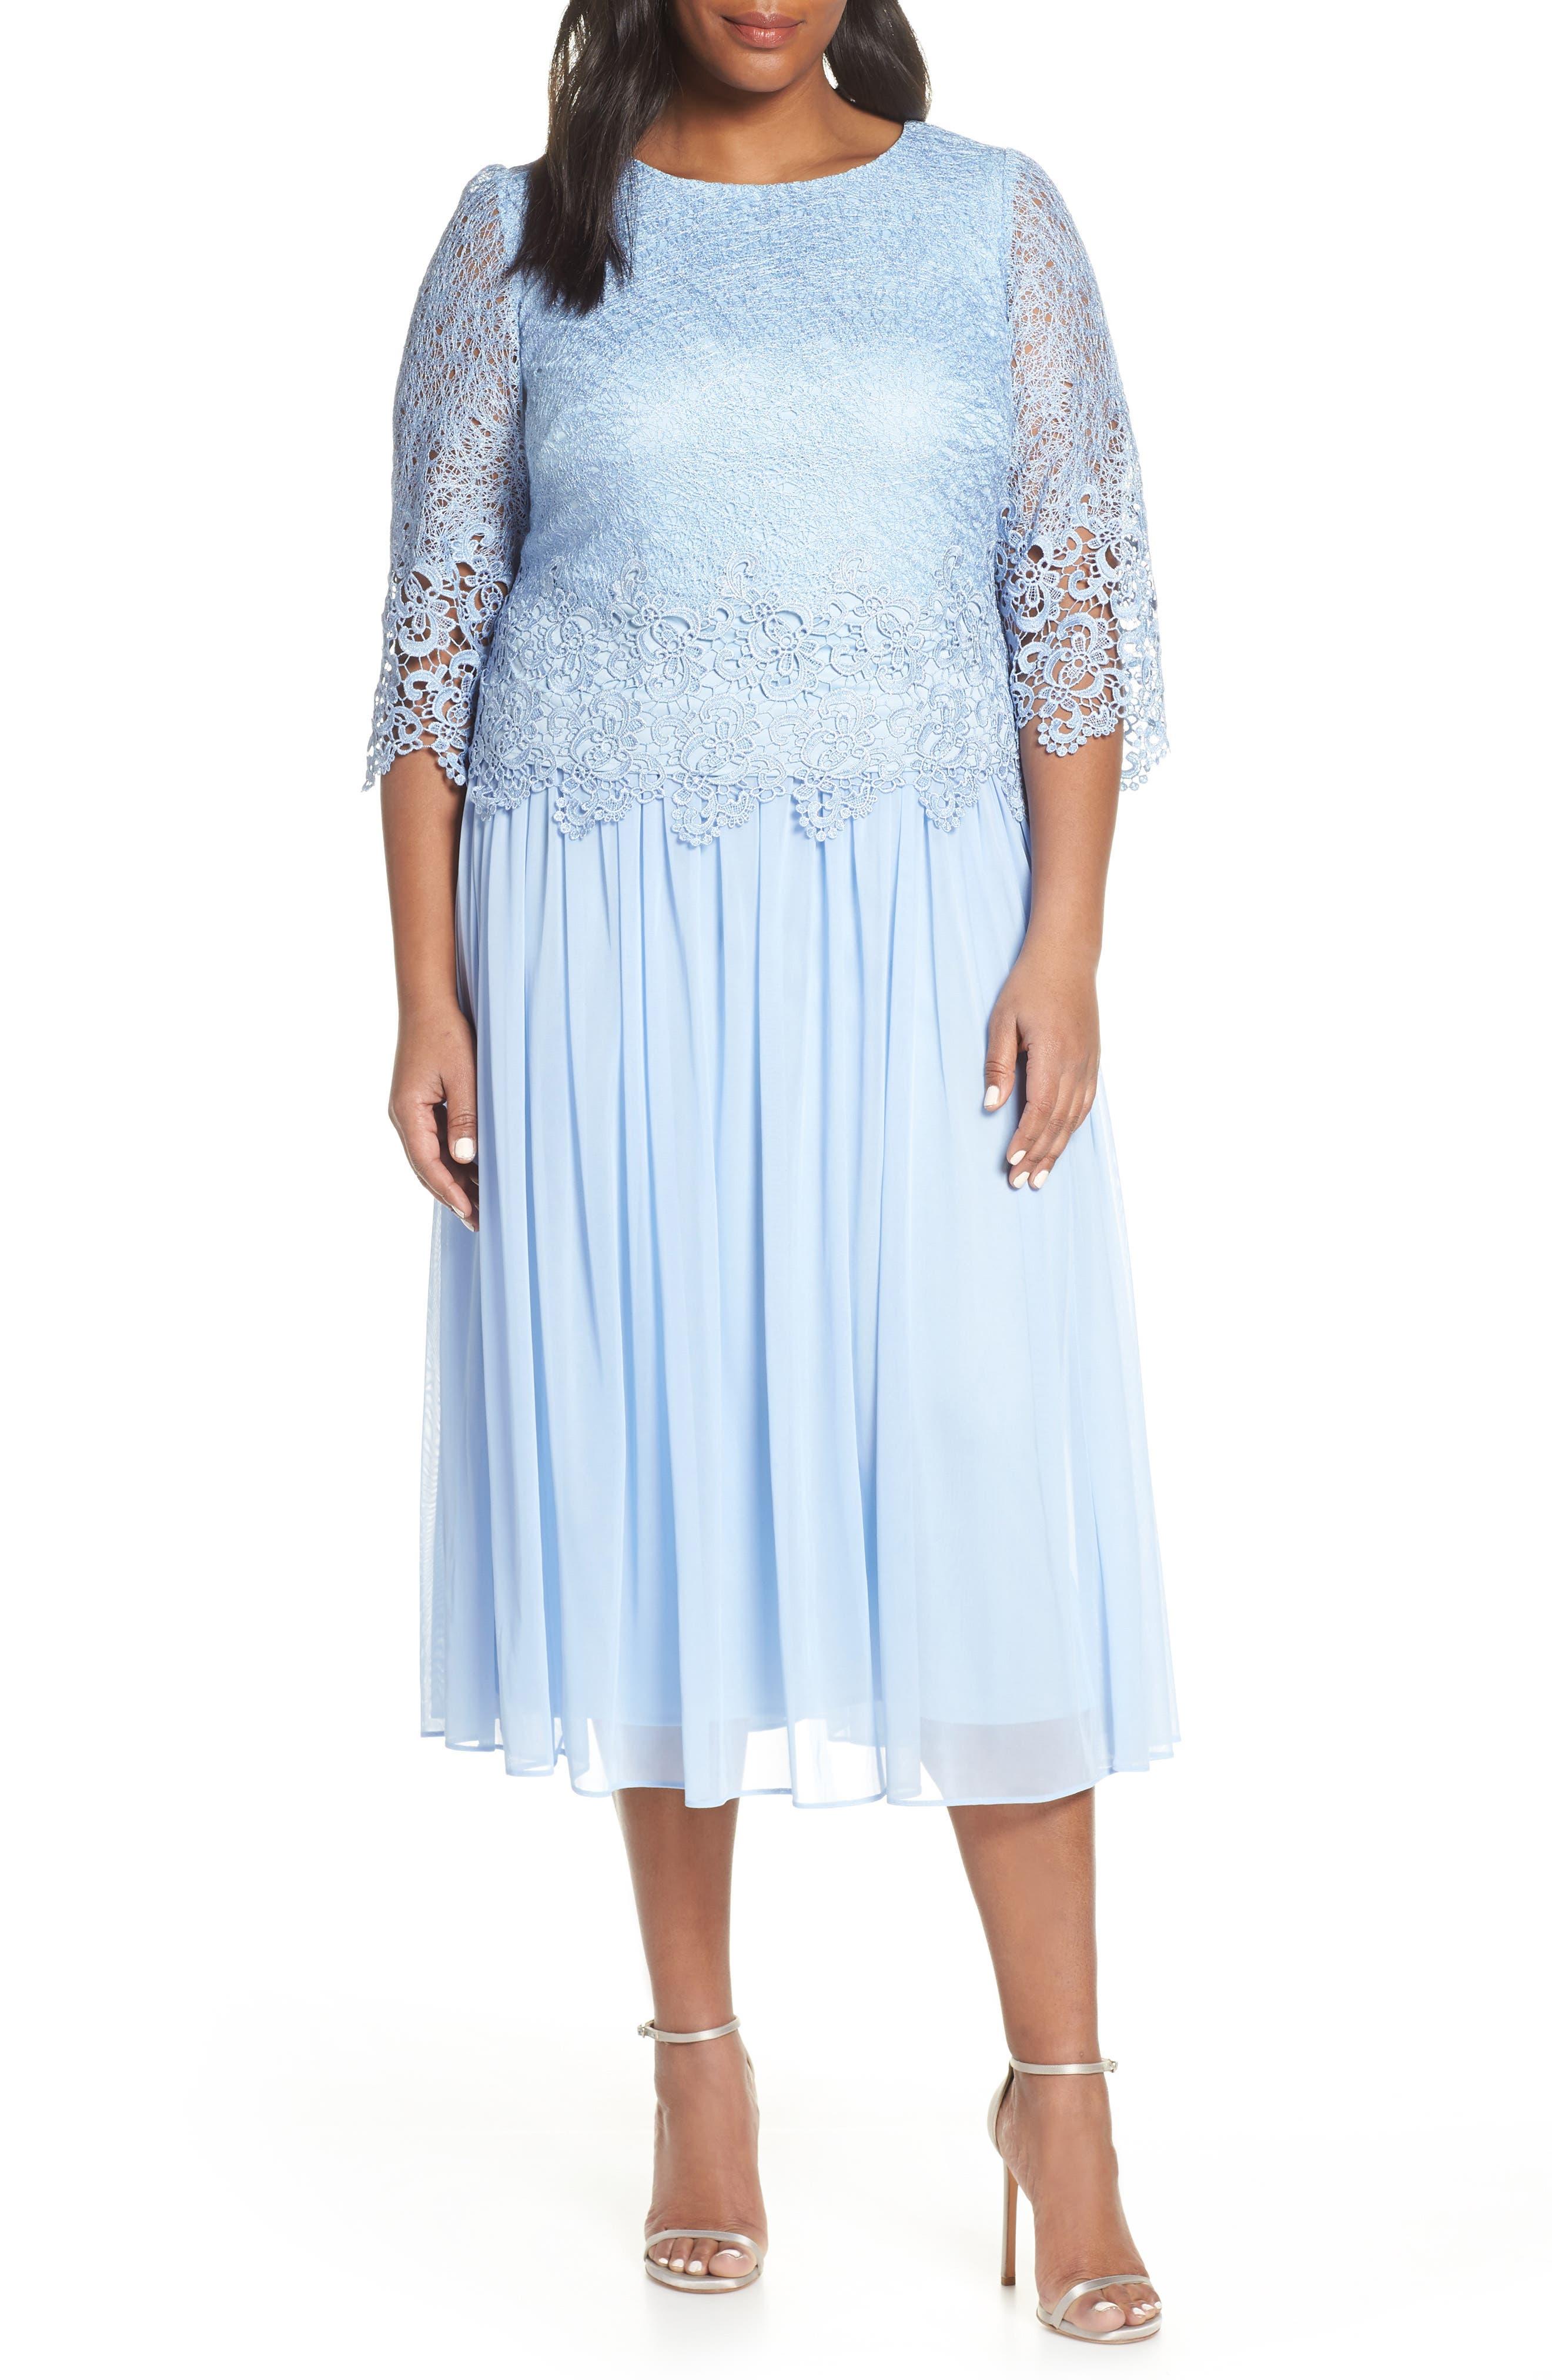 Plus Size Alex Evenings Lace & Chiffon Tea Length Dress, Blue